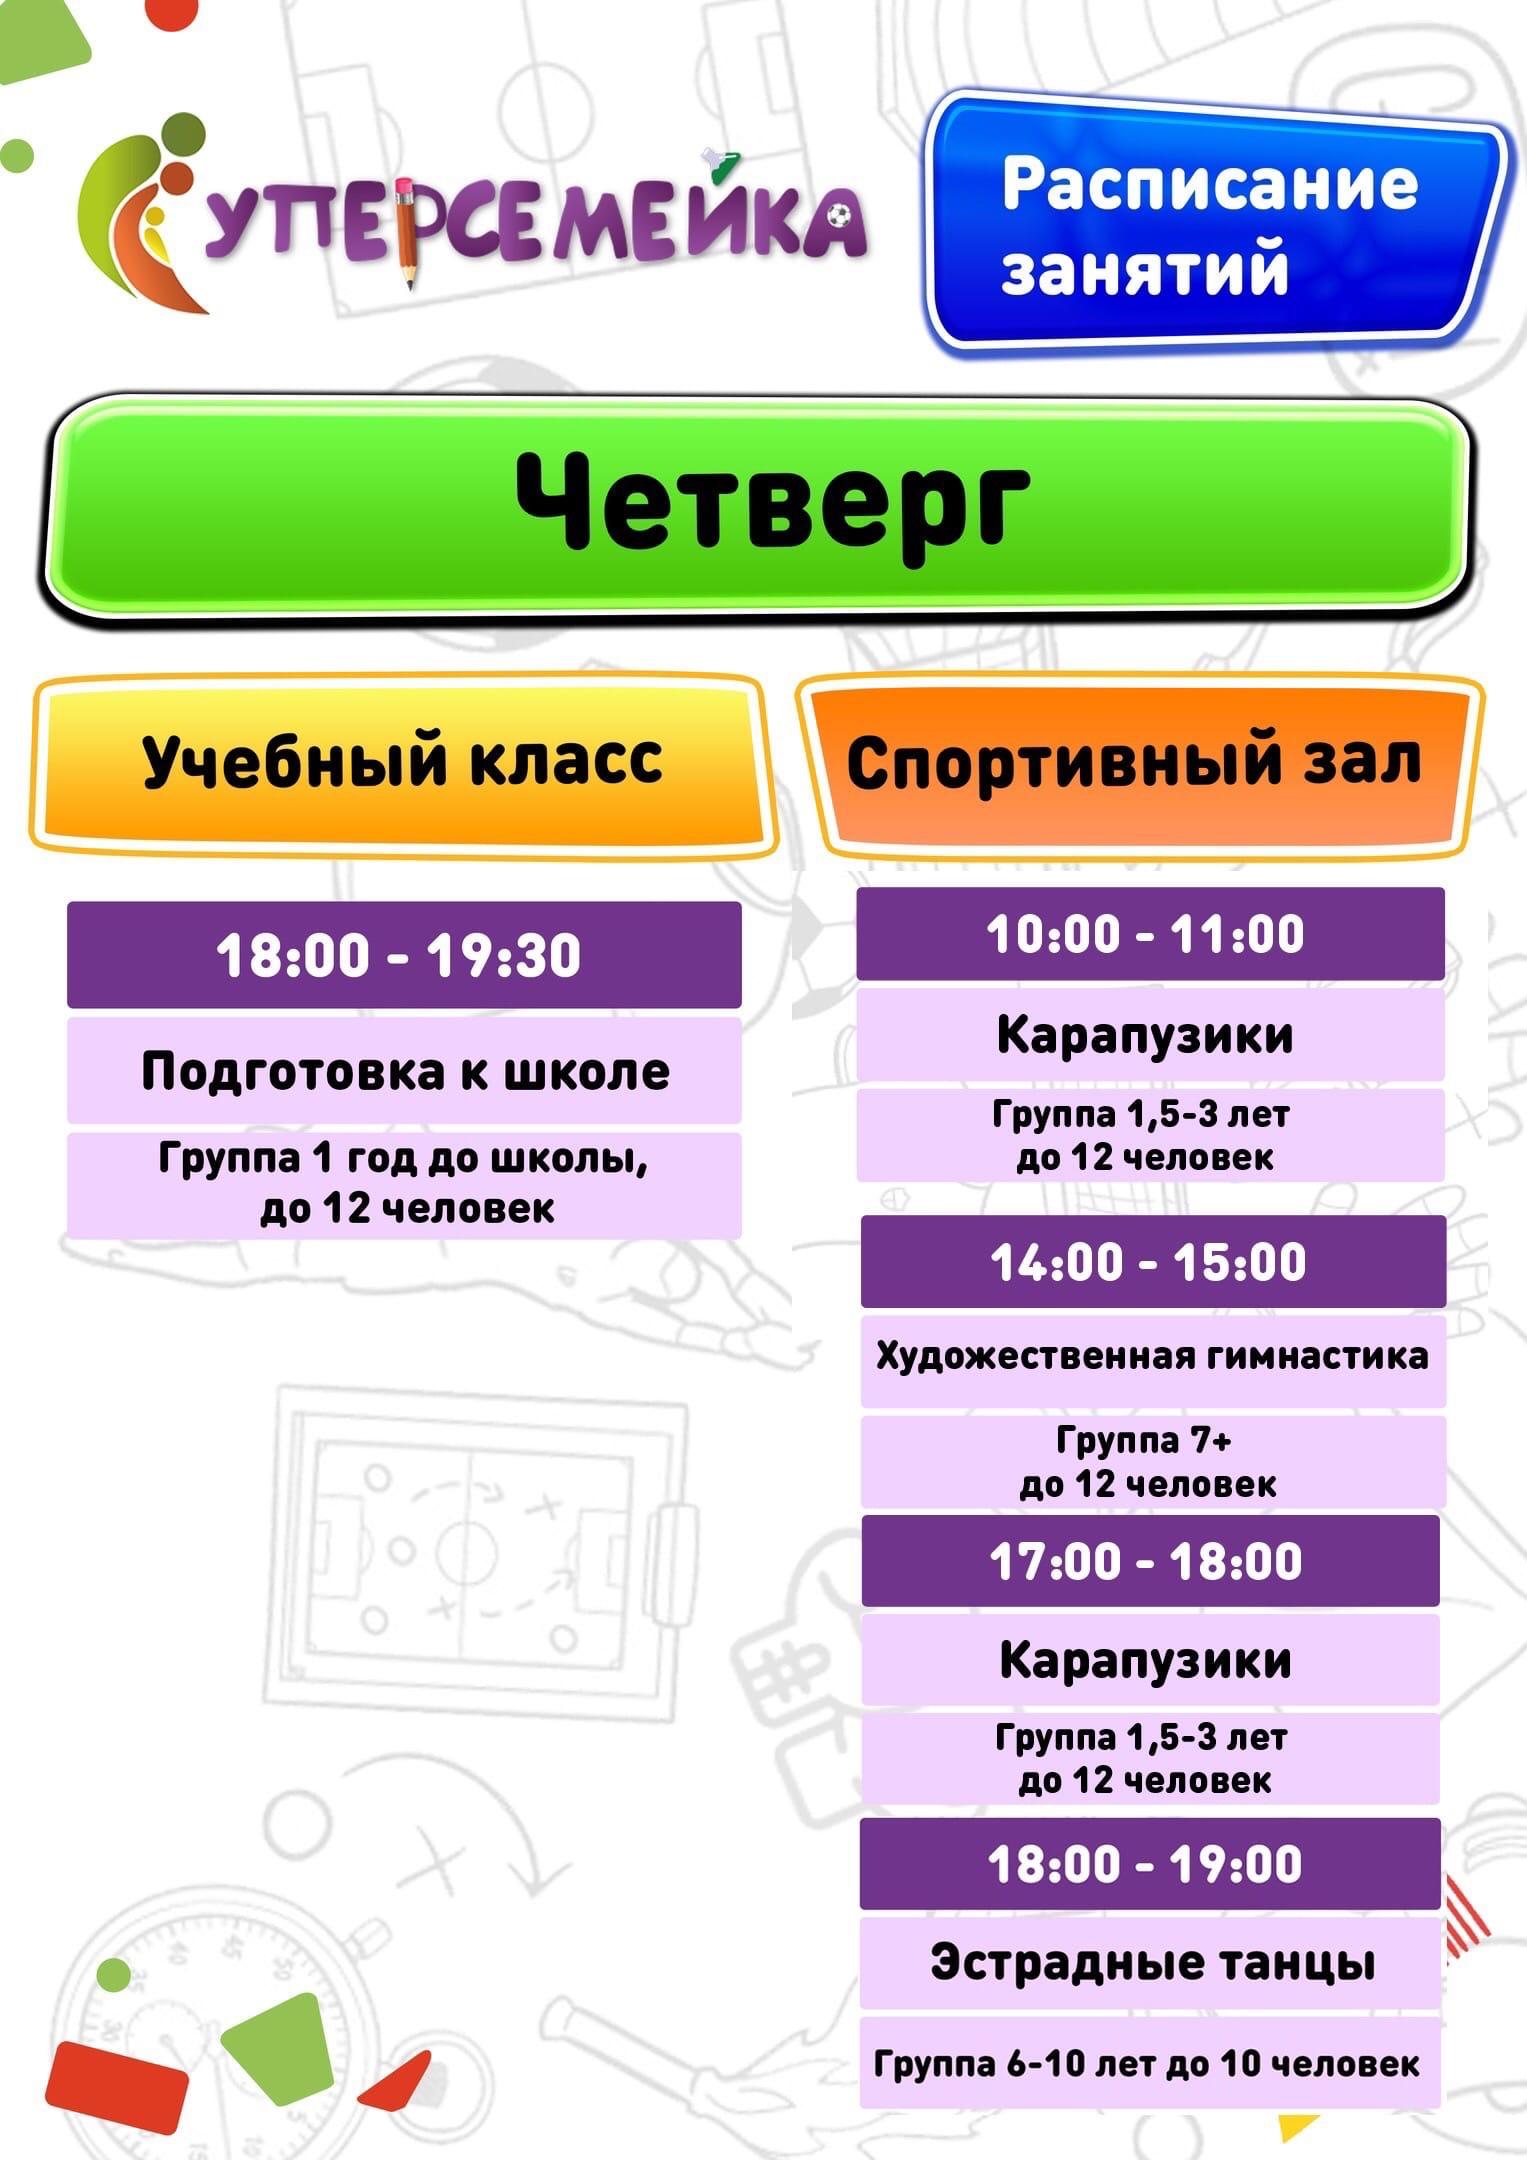 Расписание на Четверг